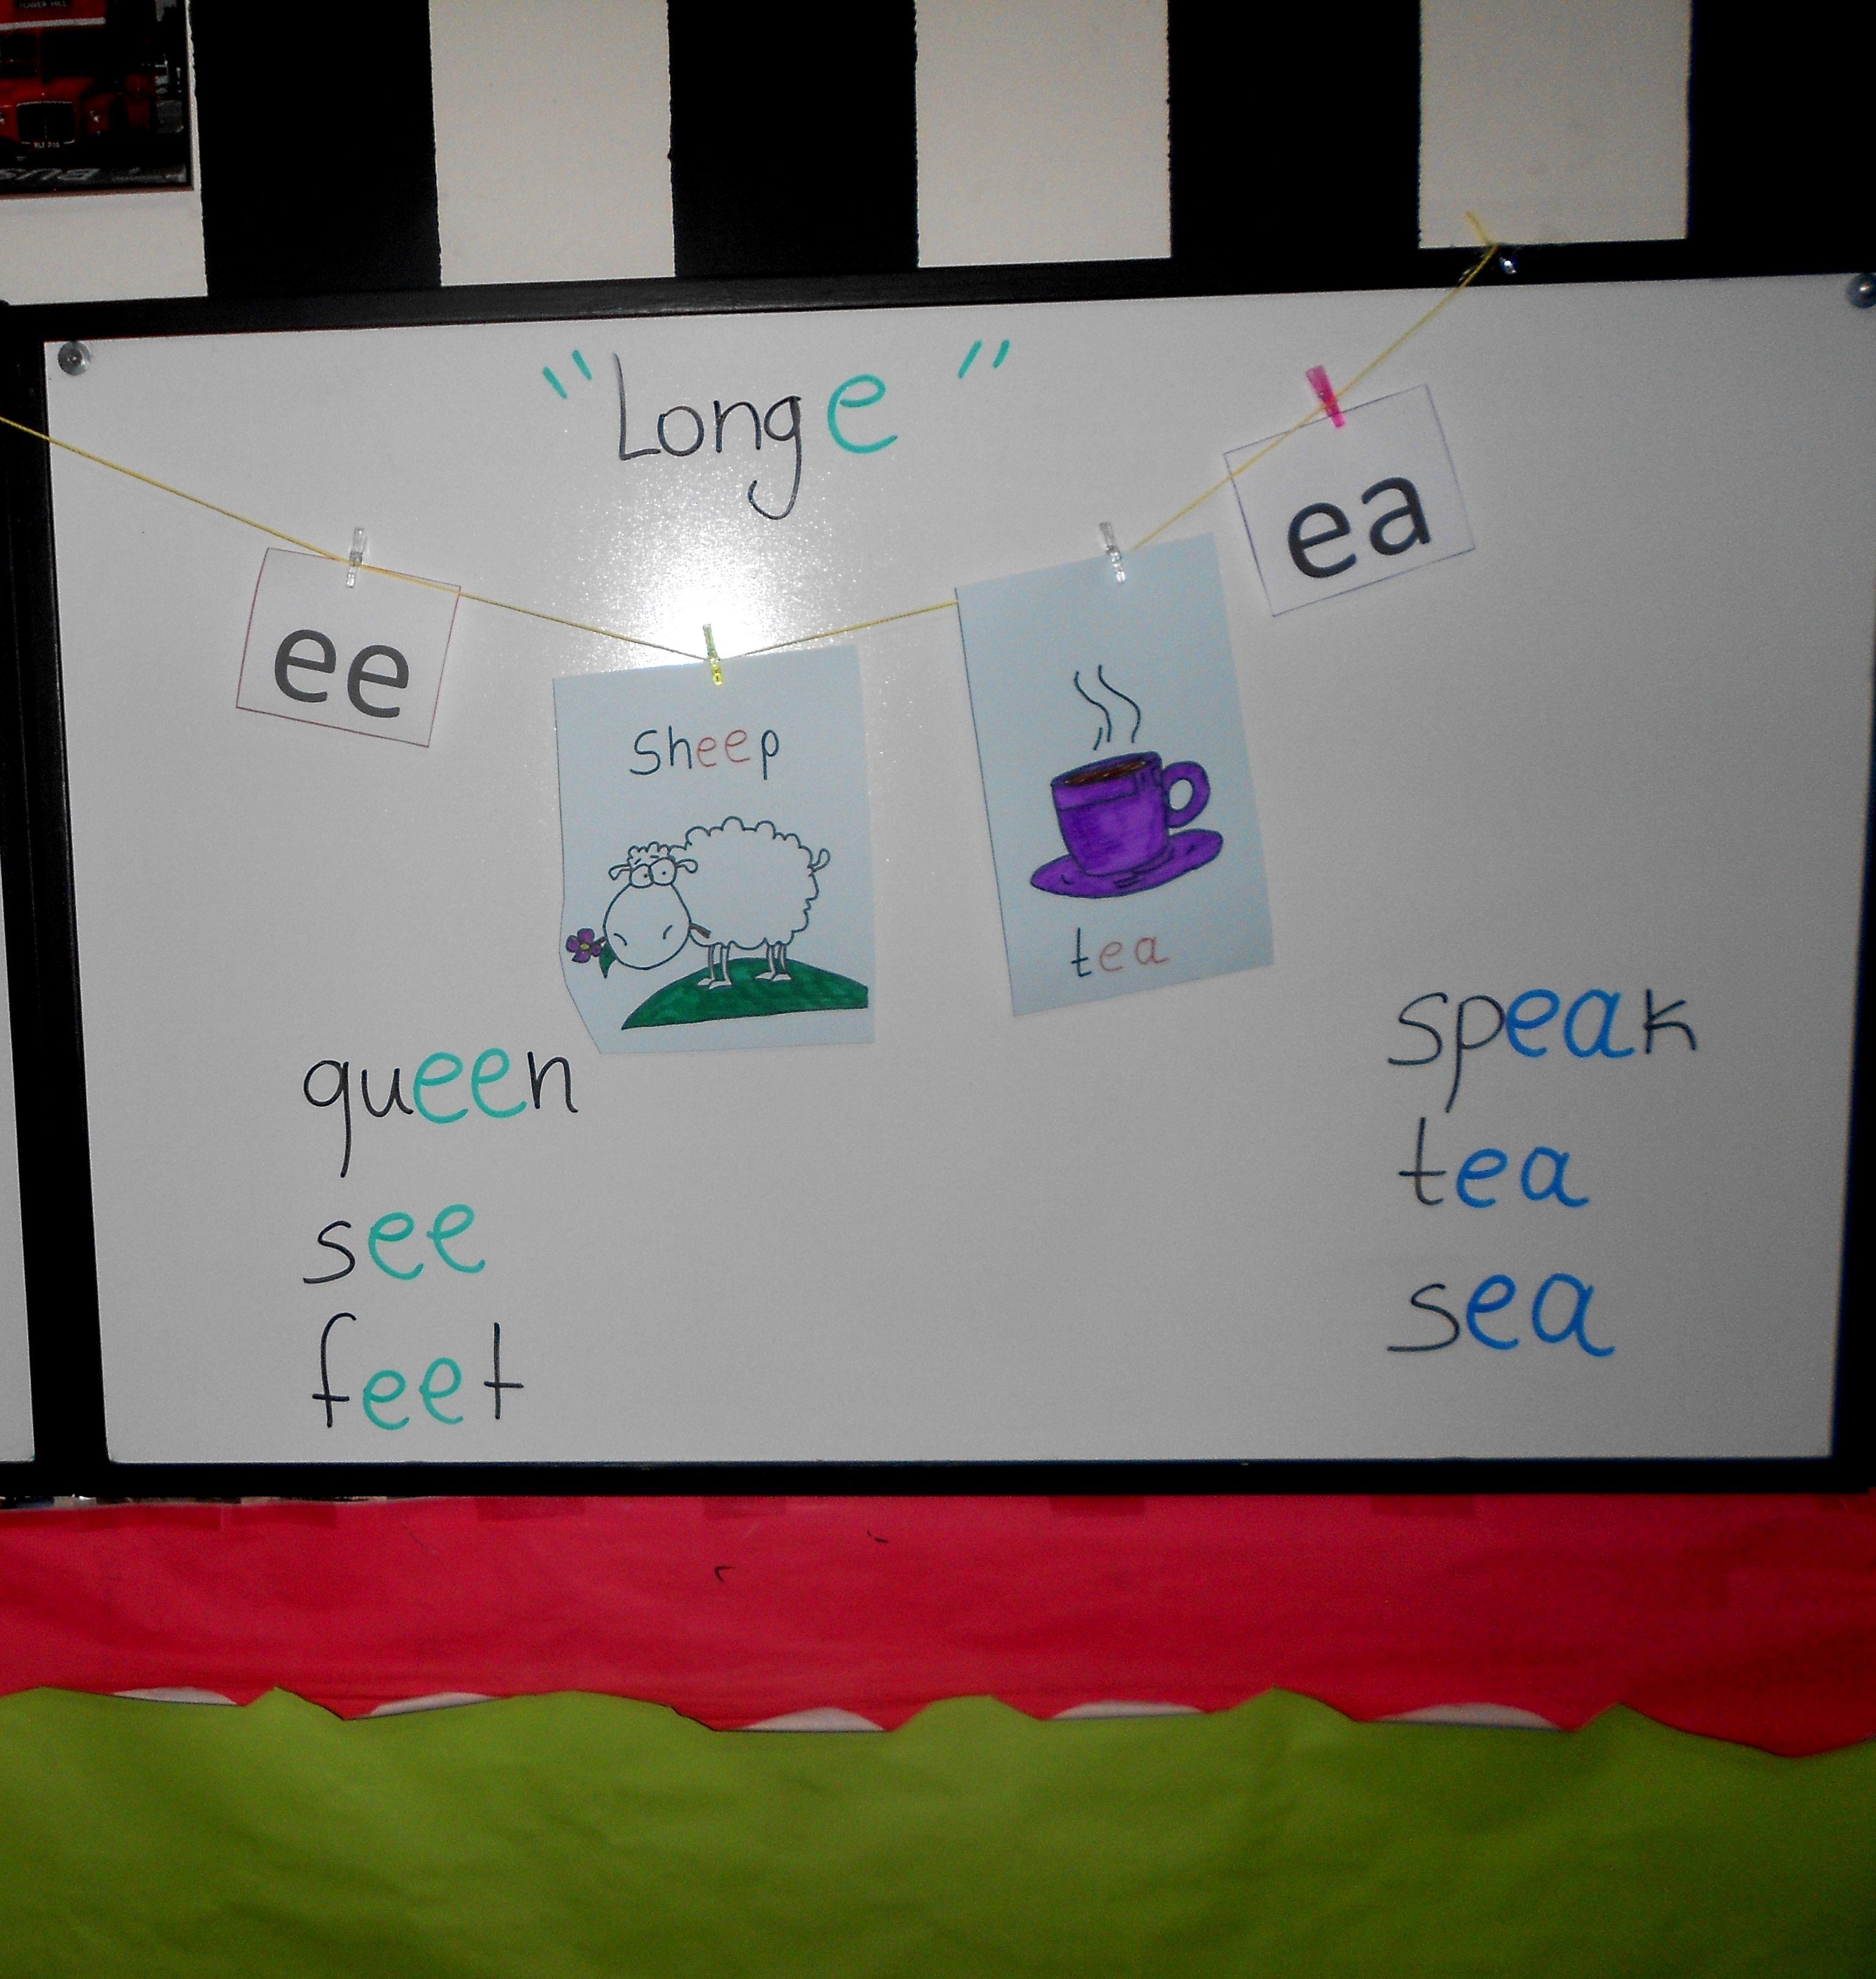 A Fun Way To Introduce The Long E Ee Ea Sound